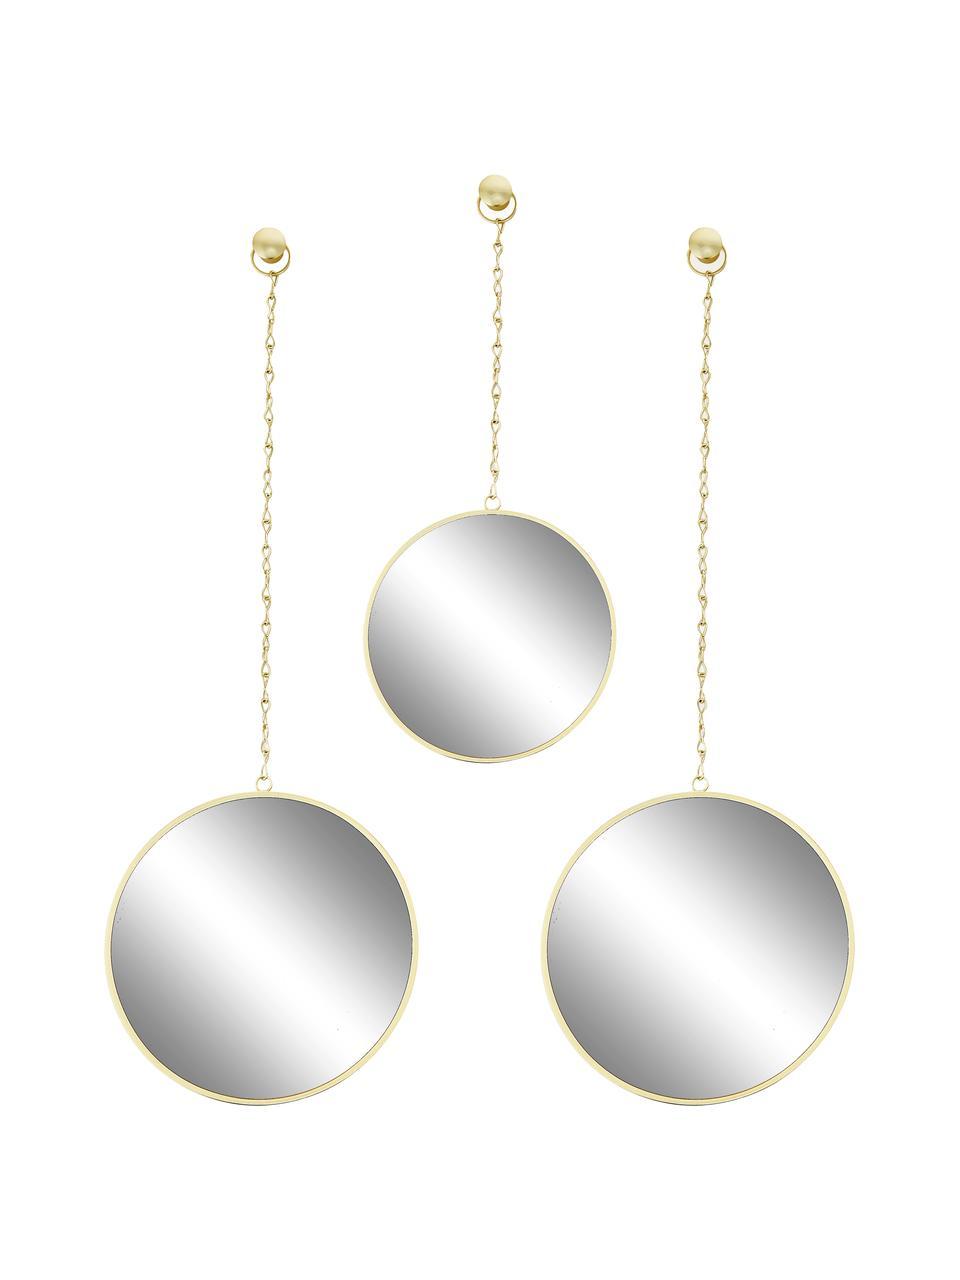 Rundes Wandspiegel-Set Dima mit goldenen Metallrahmen, 3-tlg., Rahmen: Metall, beschichtet, Spiegelfläche: Spiegelglas, Goldfarben, Set mit verschiedenen Größen